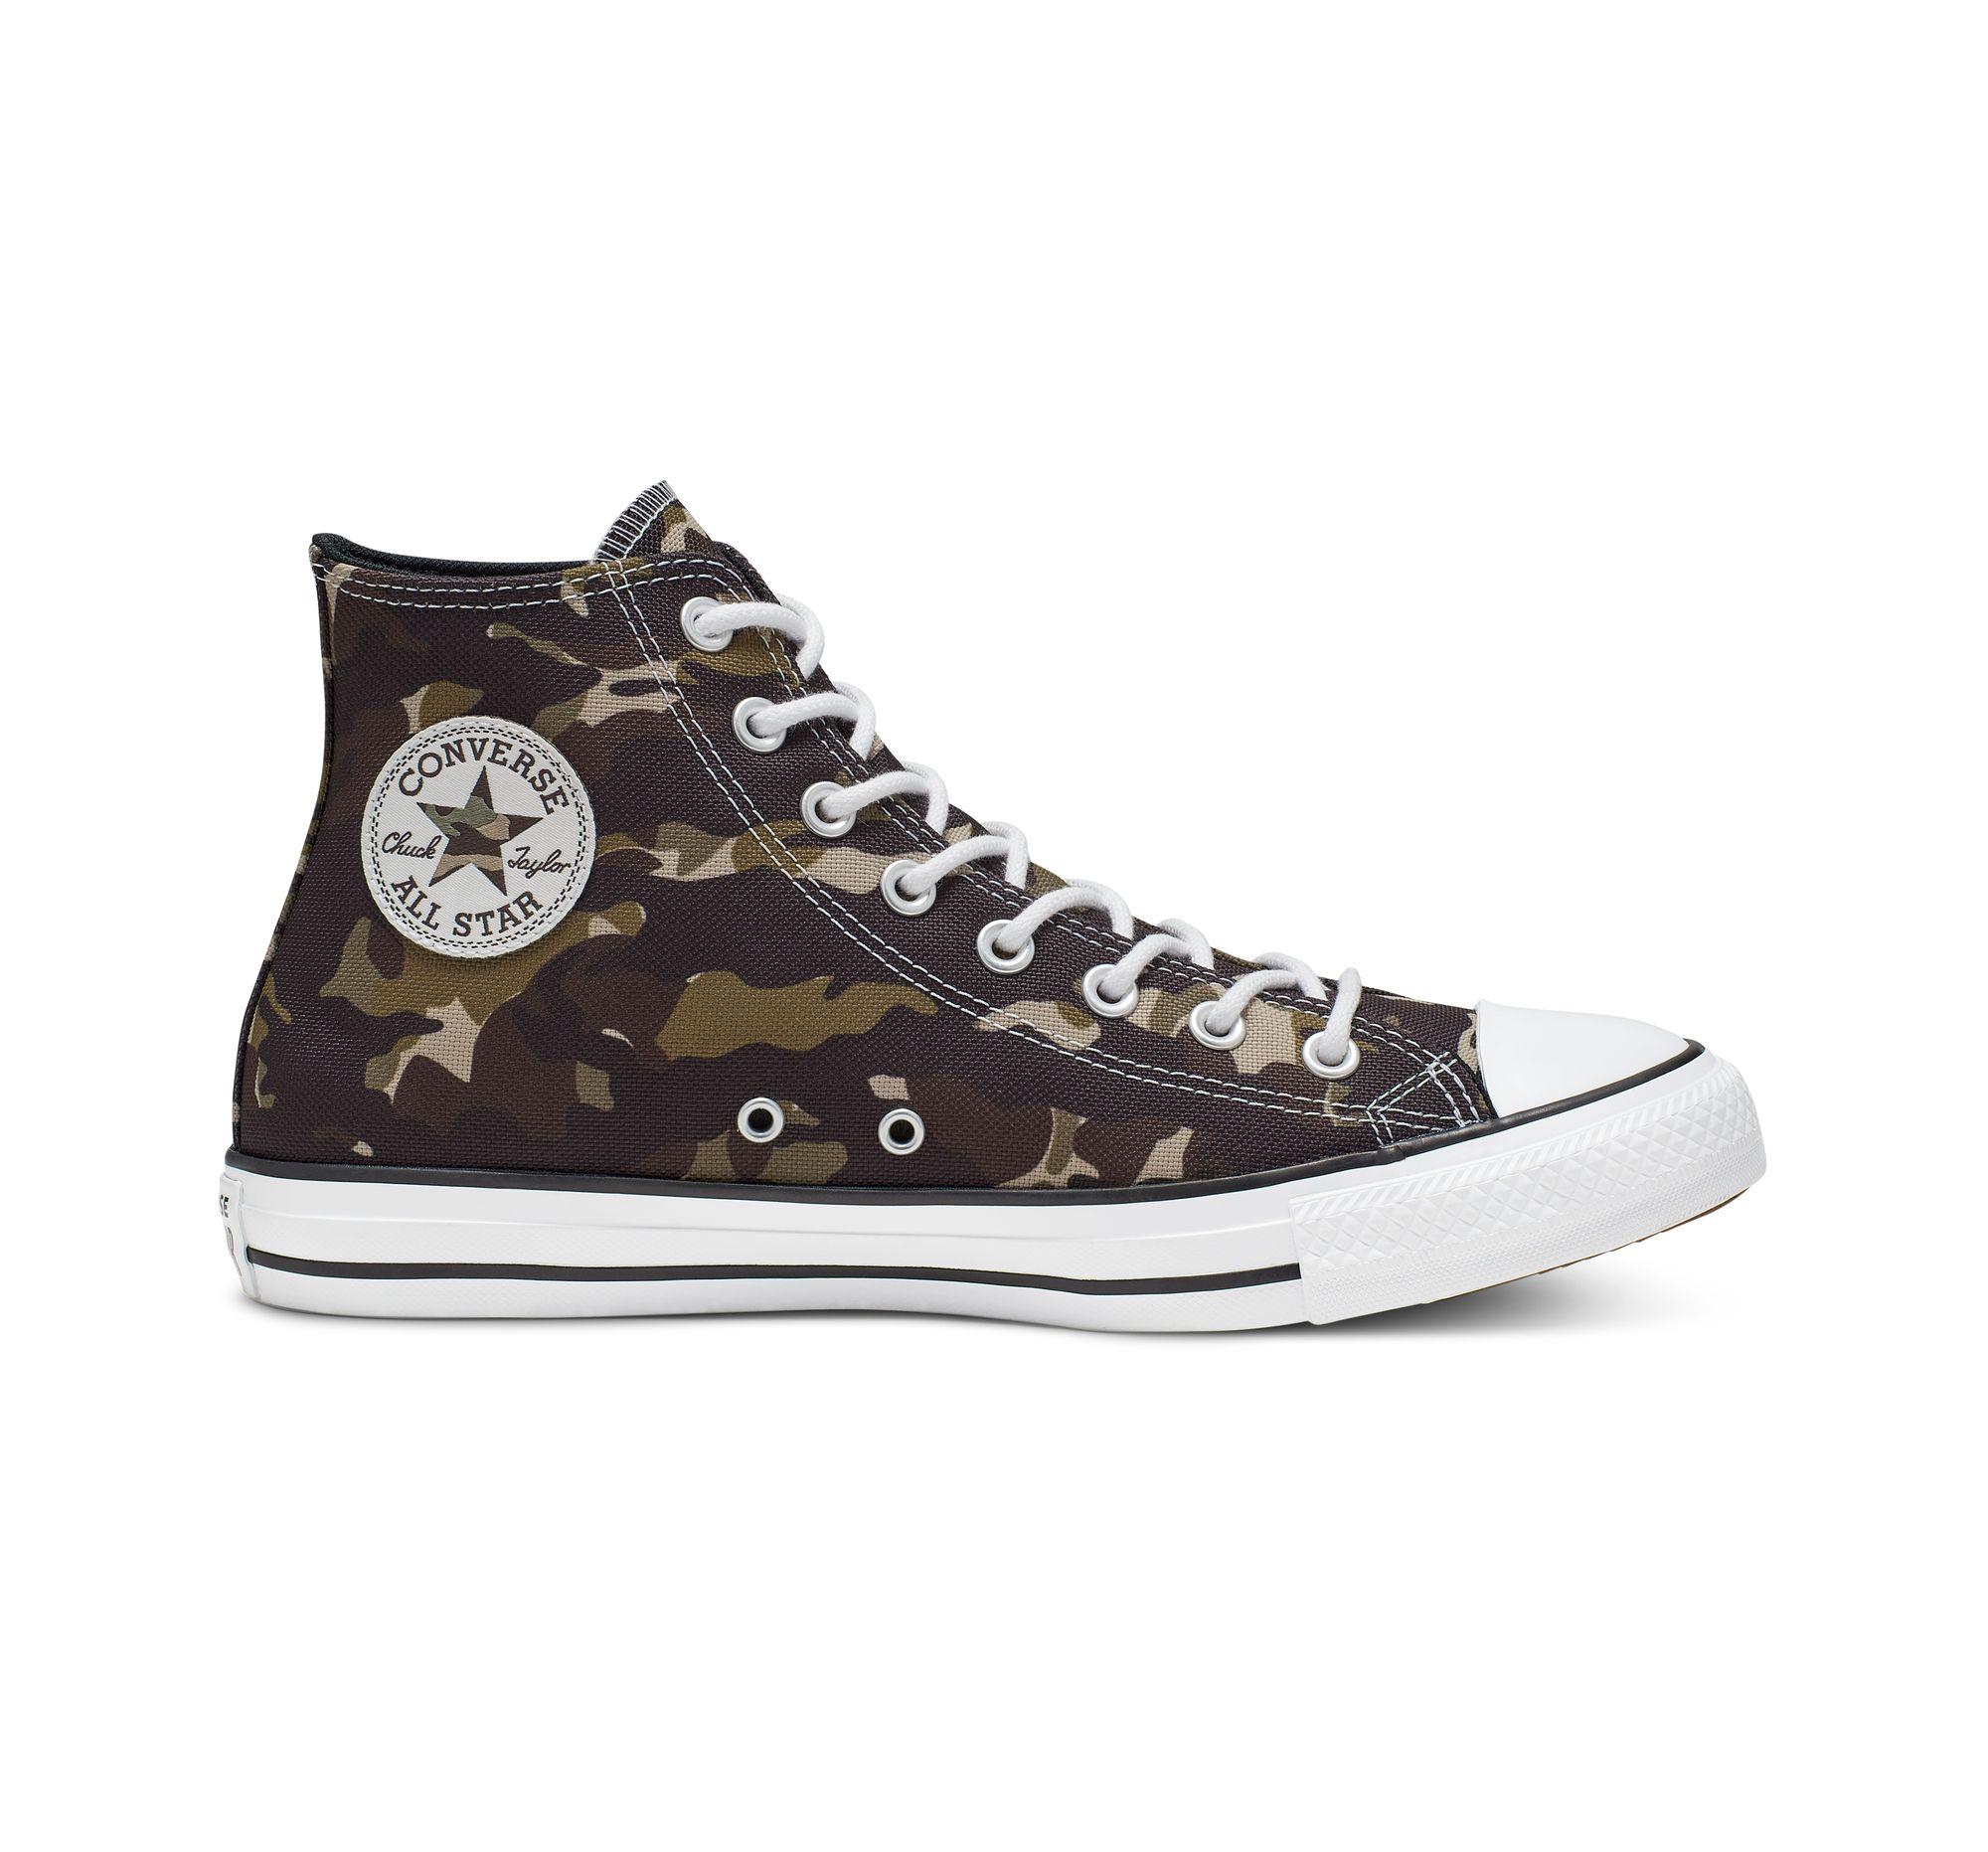 Converse Men´s Chuck Taylor All Star Camo High Top Sneakers